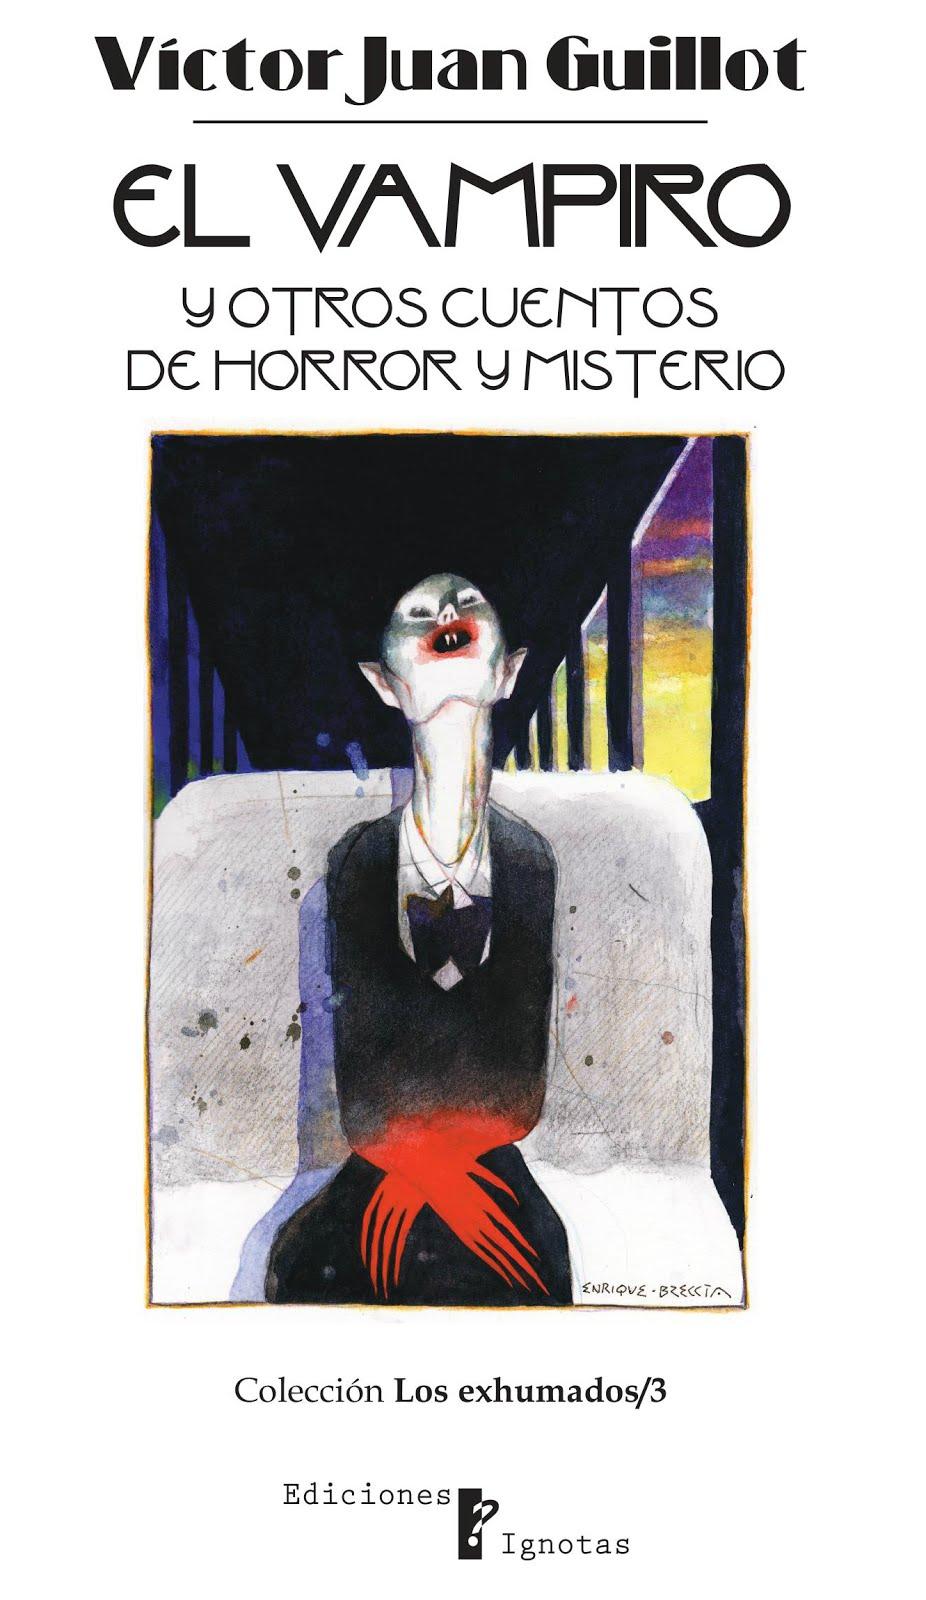 El vampiro y otros cuentos de horror y misterio